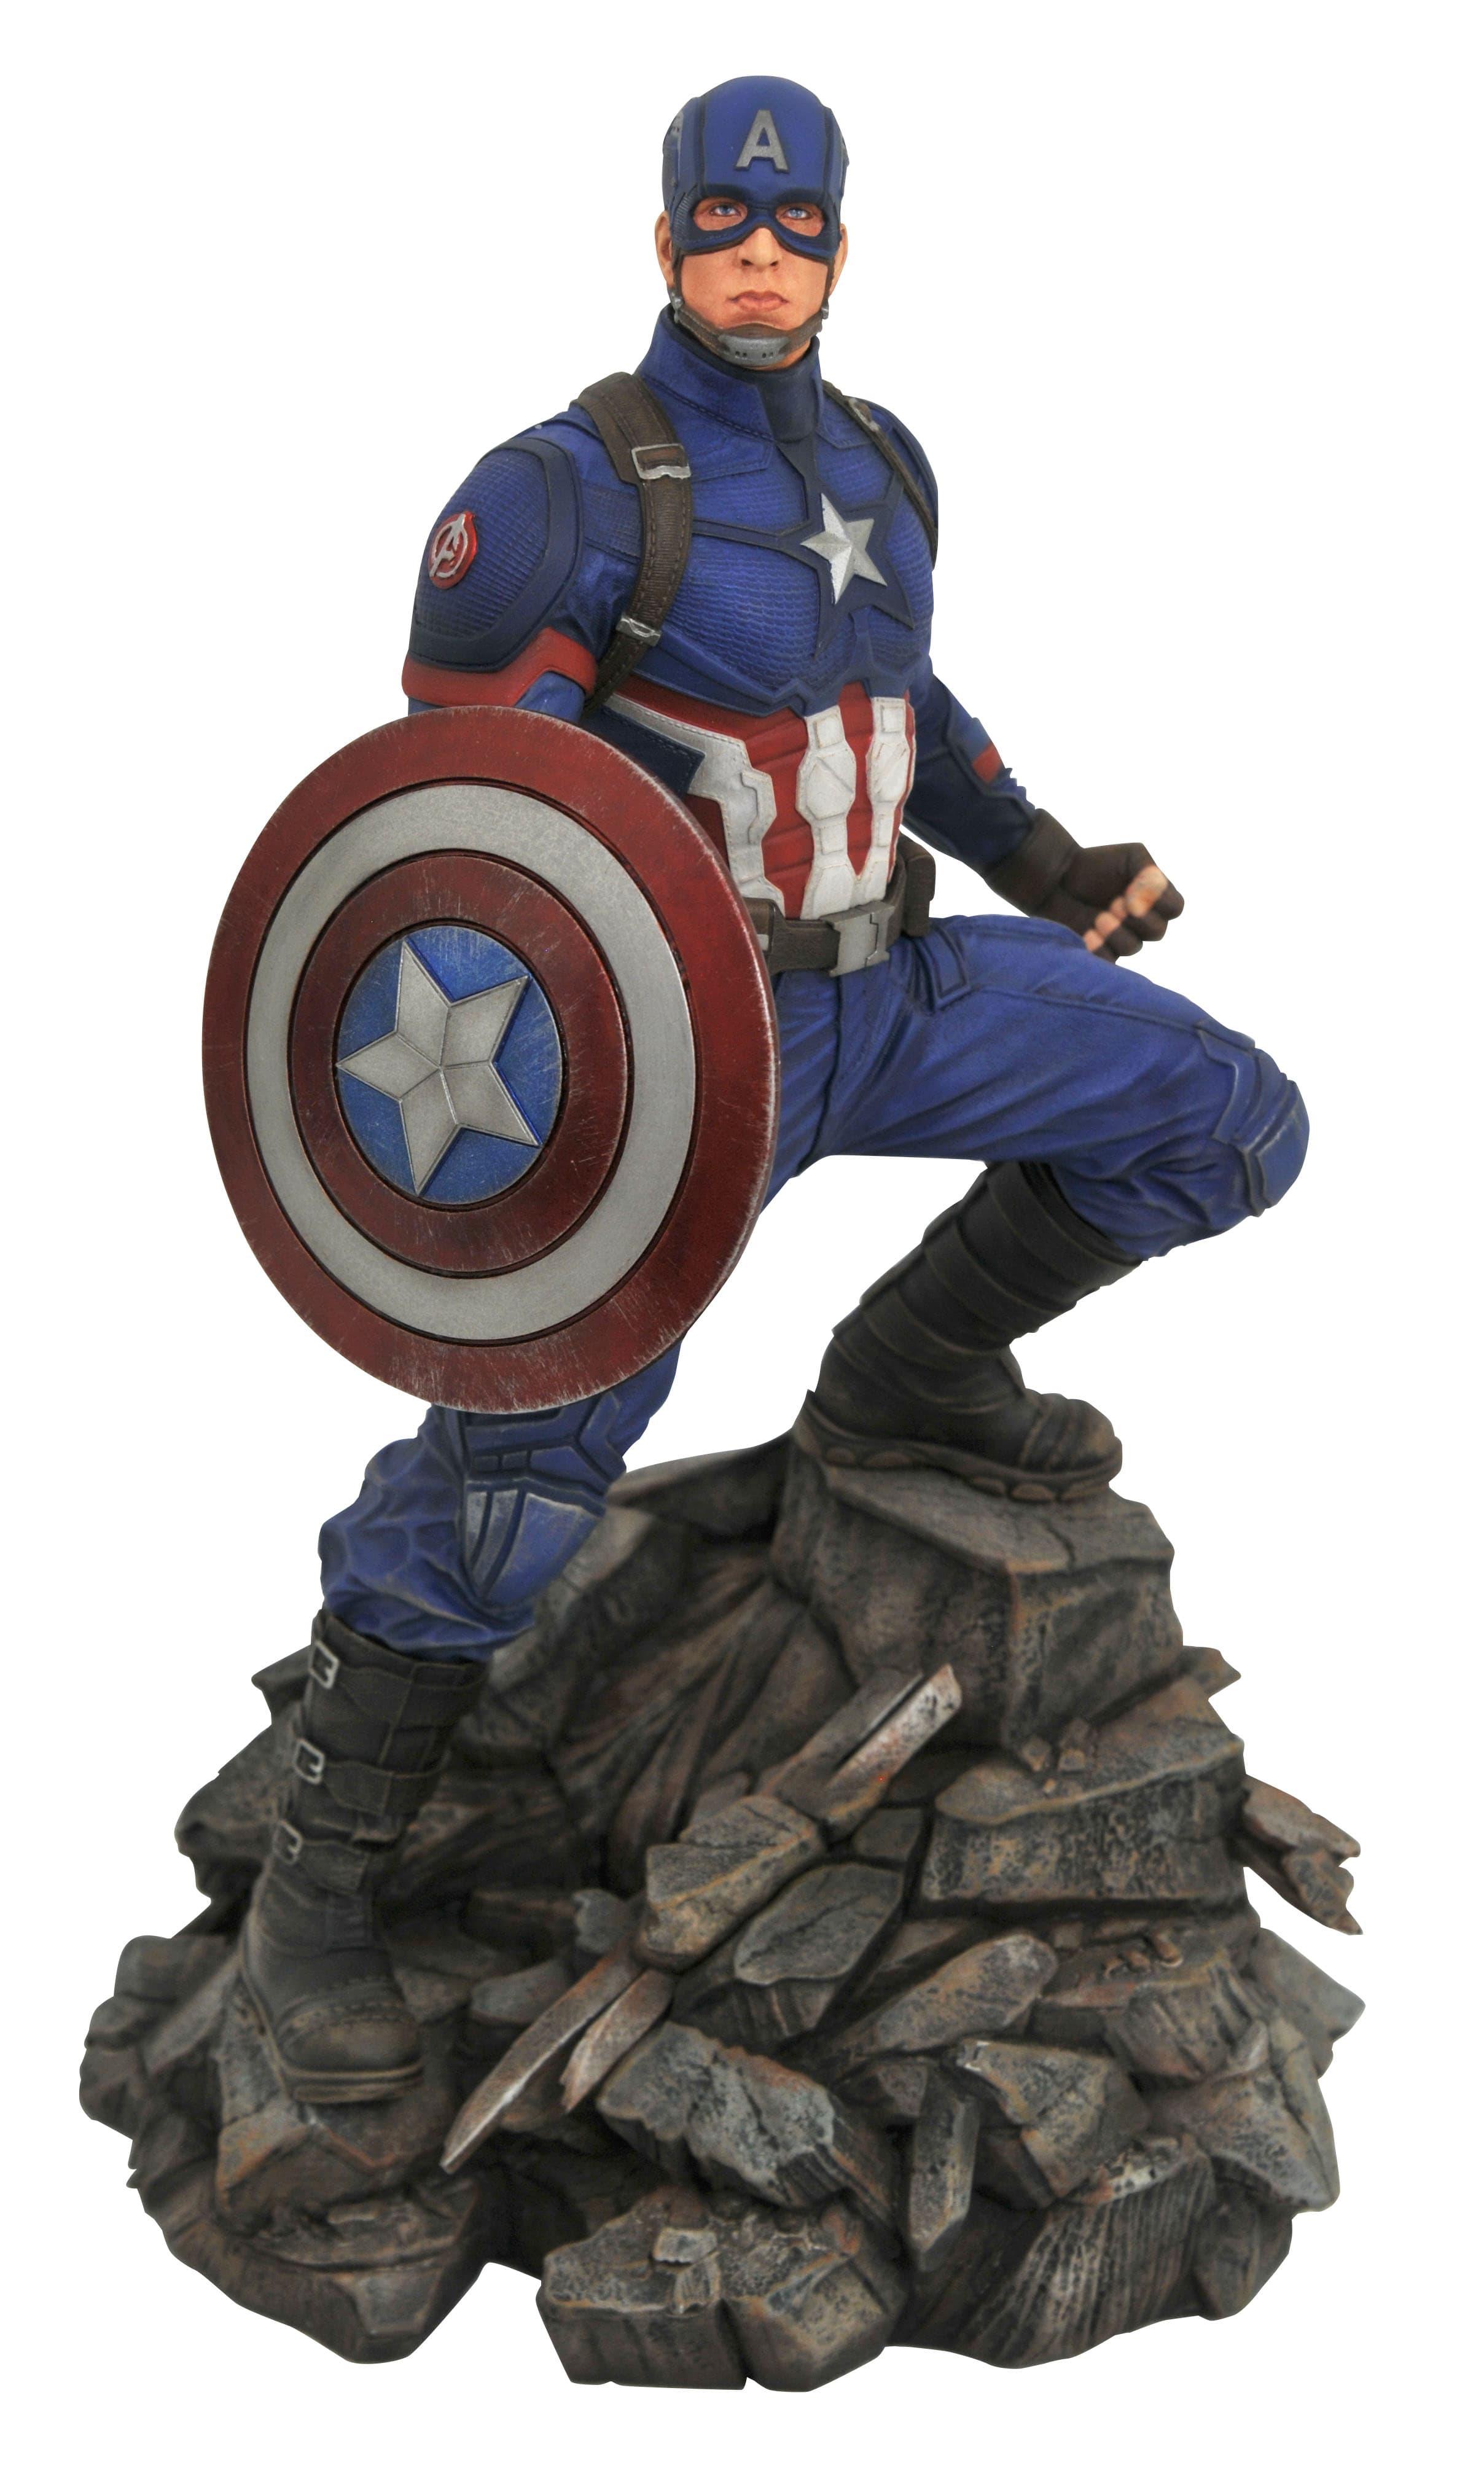 Avengers Endgame Streaming Us : avengers, endgame, streaming, First, Look:, 'Avengers:, Endgame', Diamond, Select, Marvel